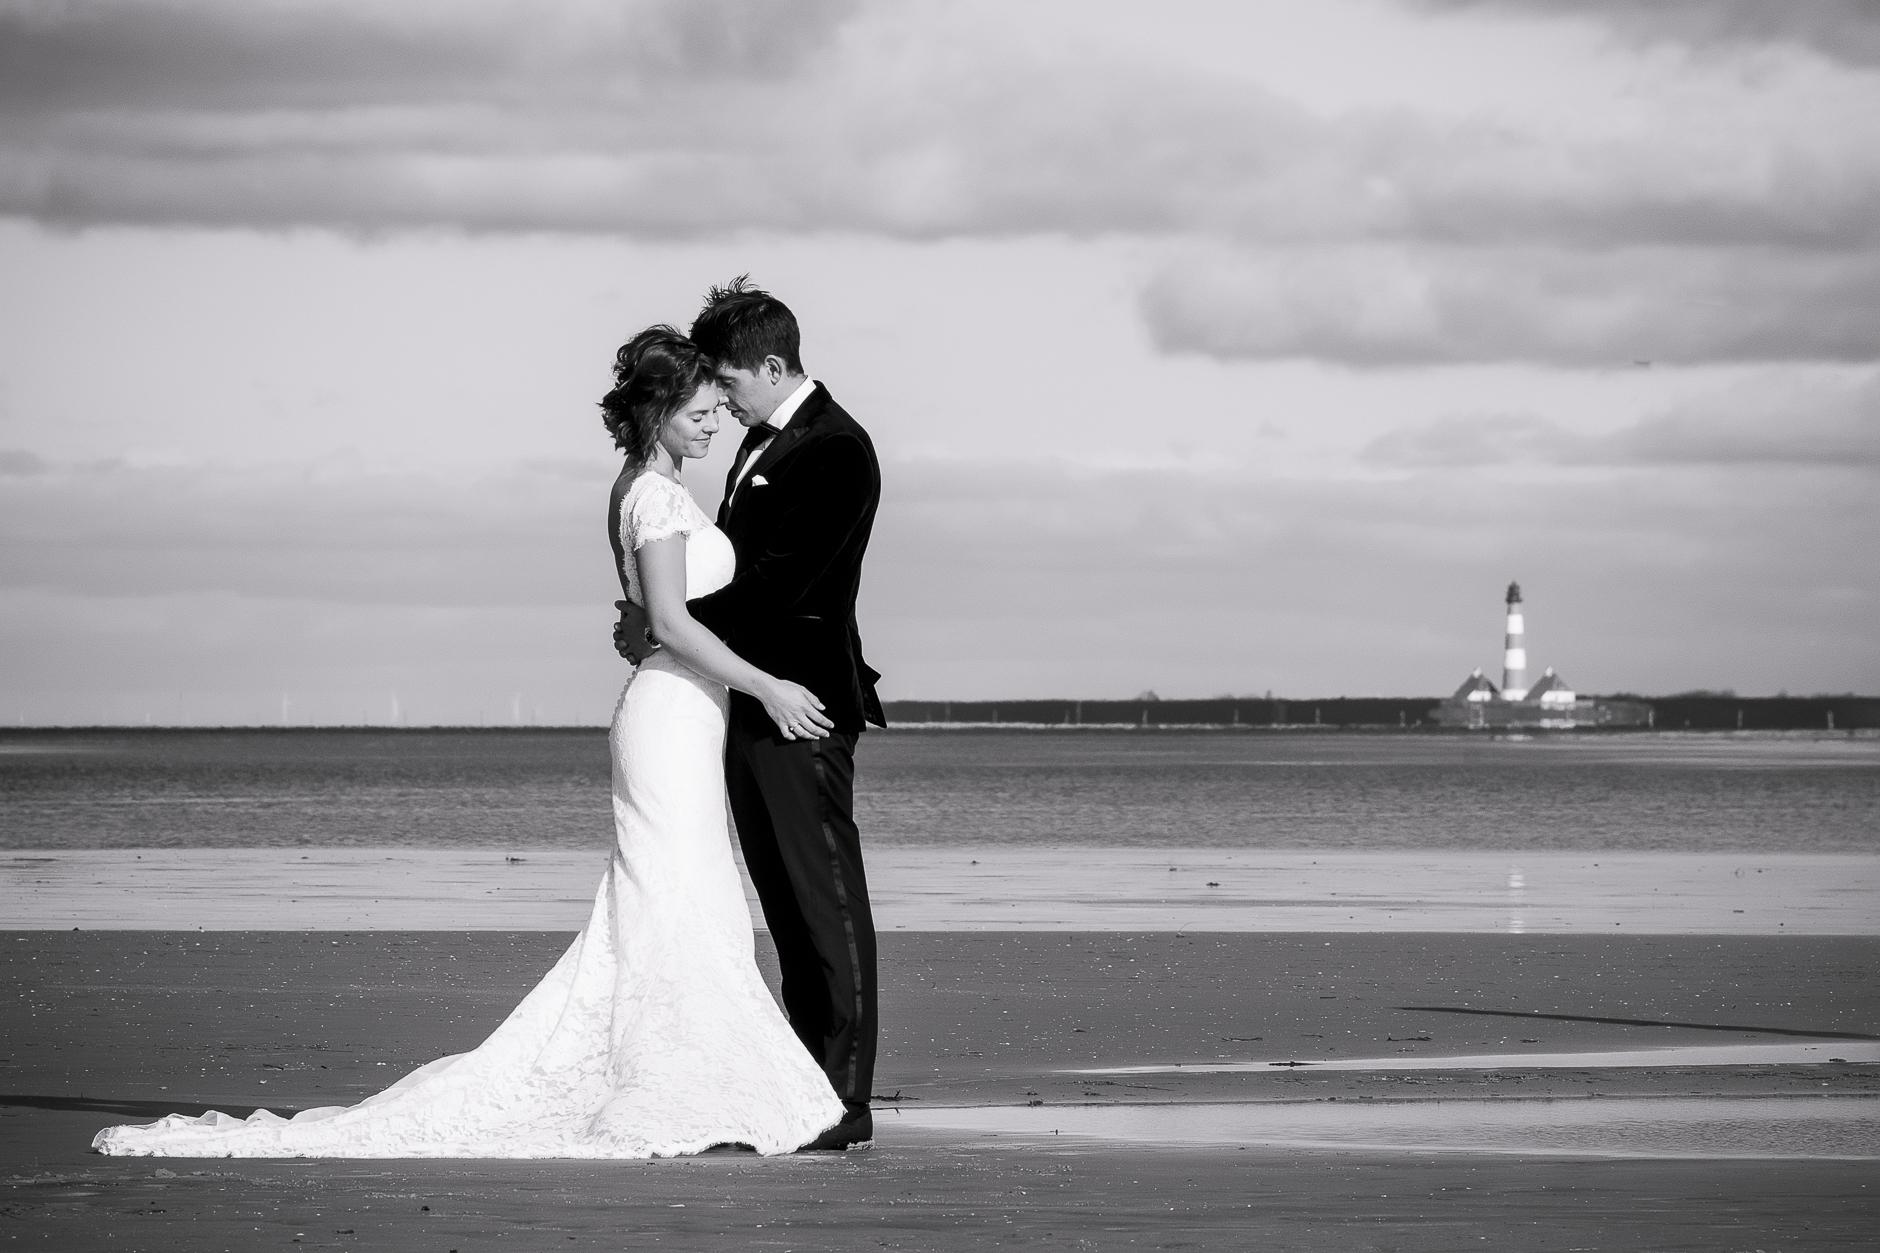 Heiraten dicht an der Natur, dem Meer, dem Wind ...